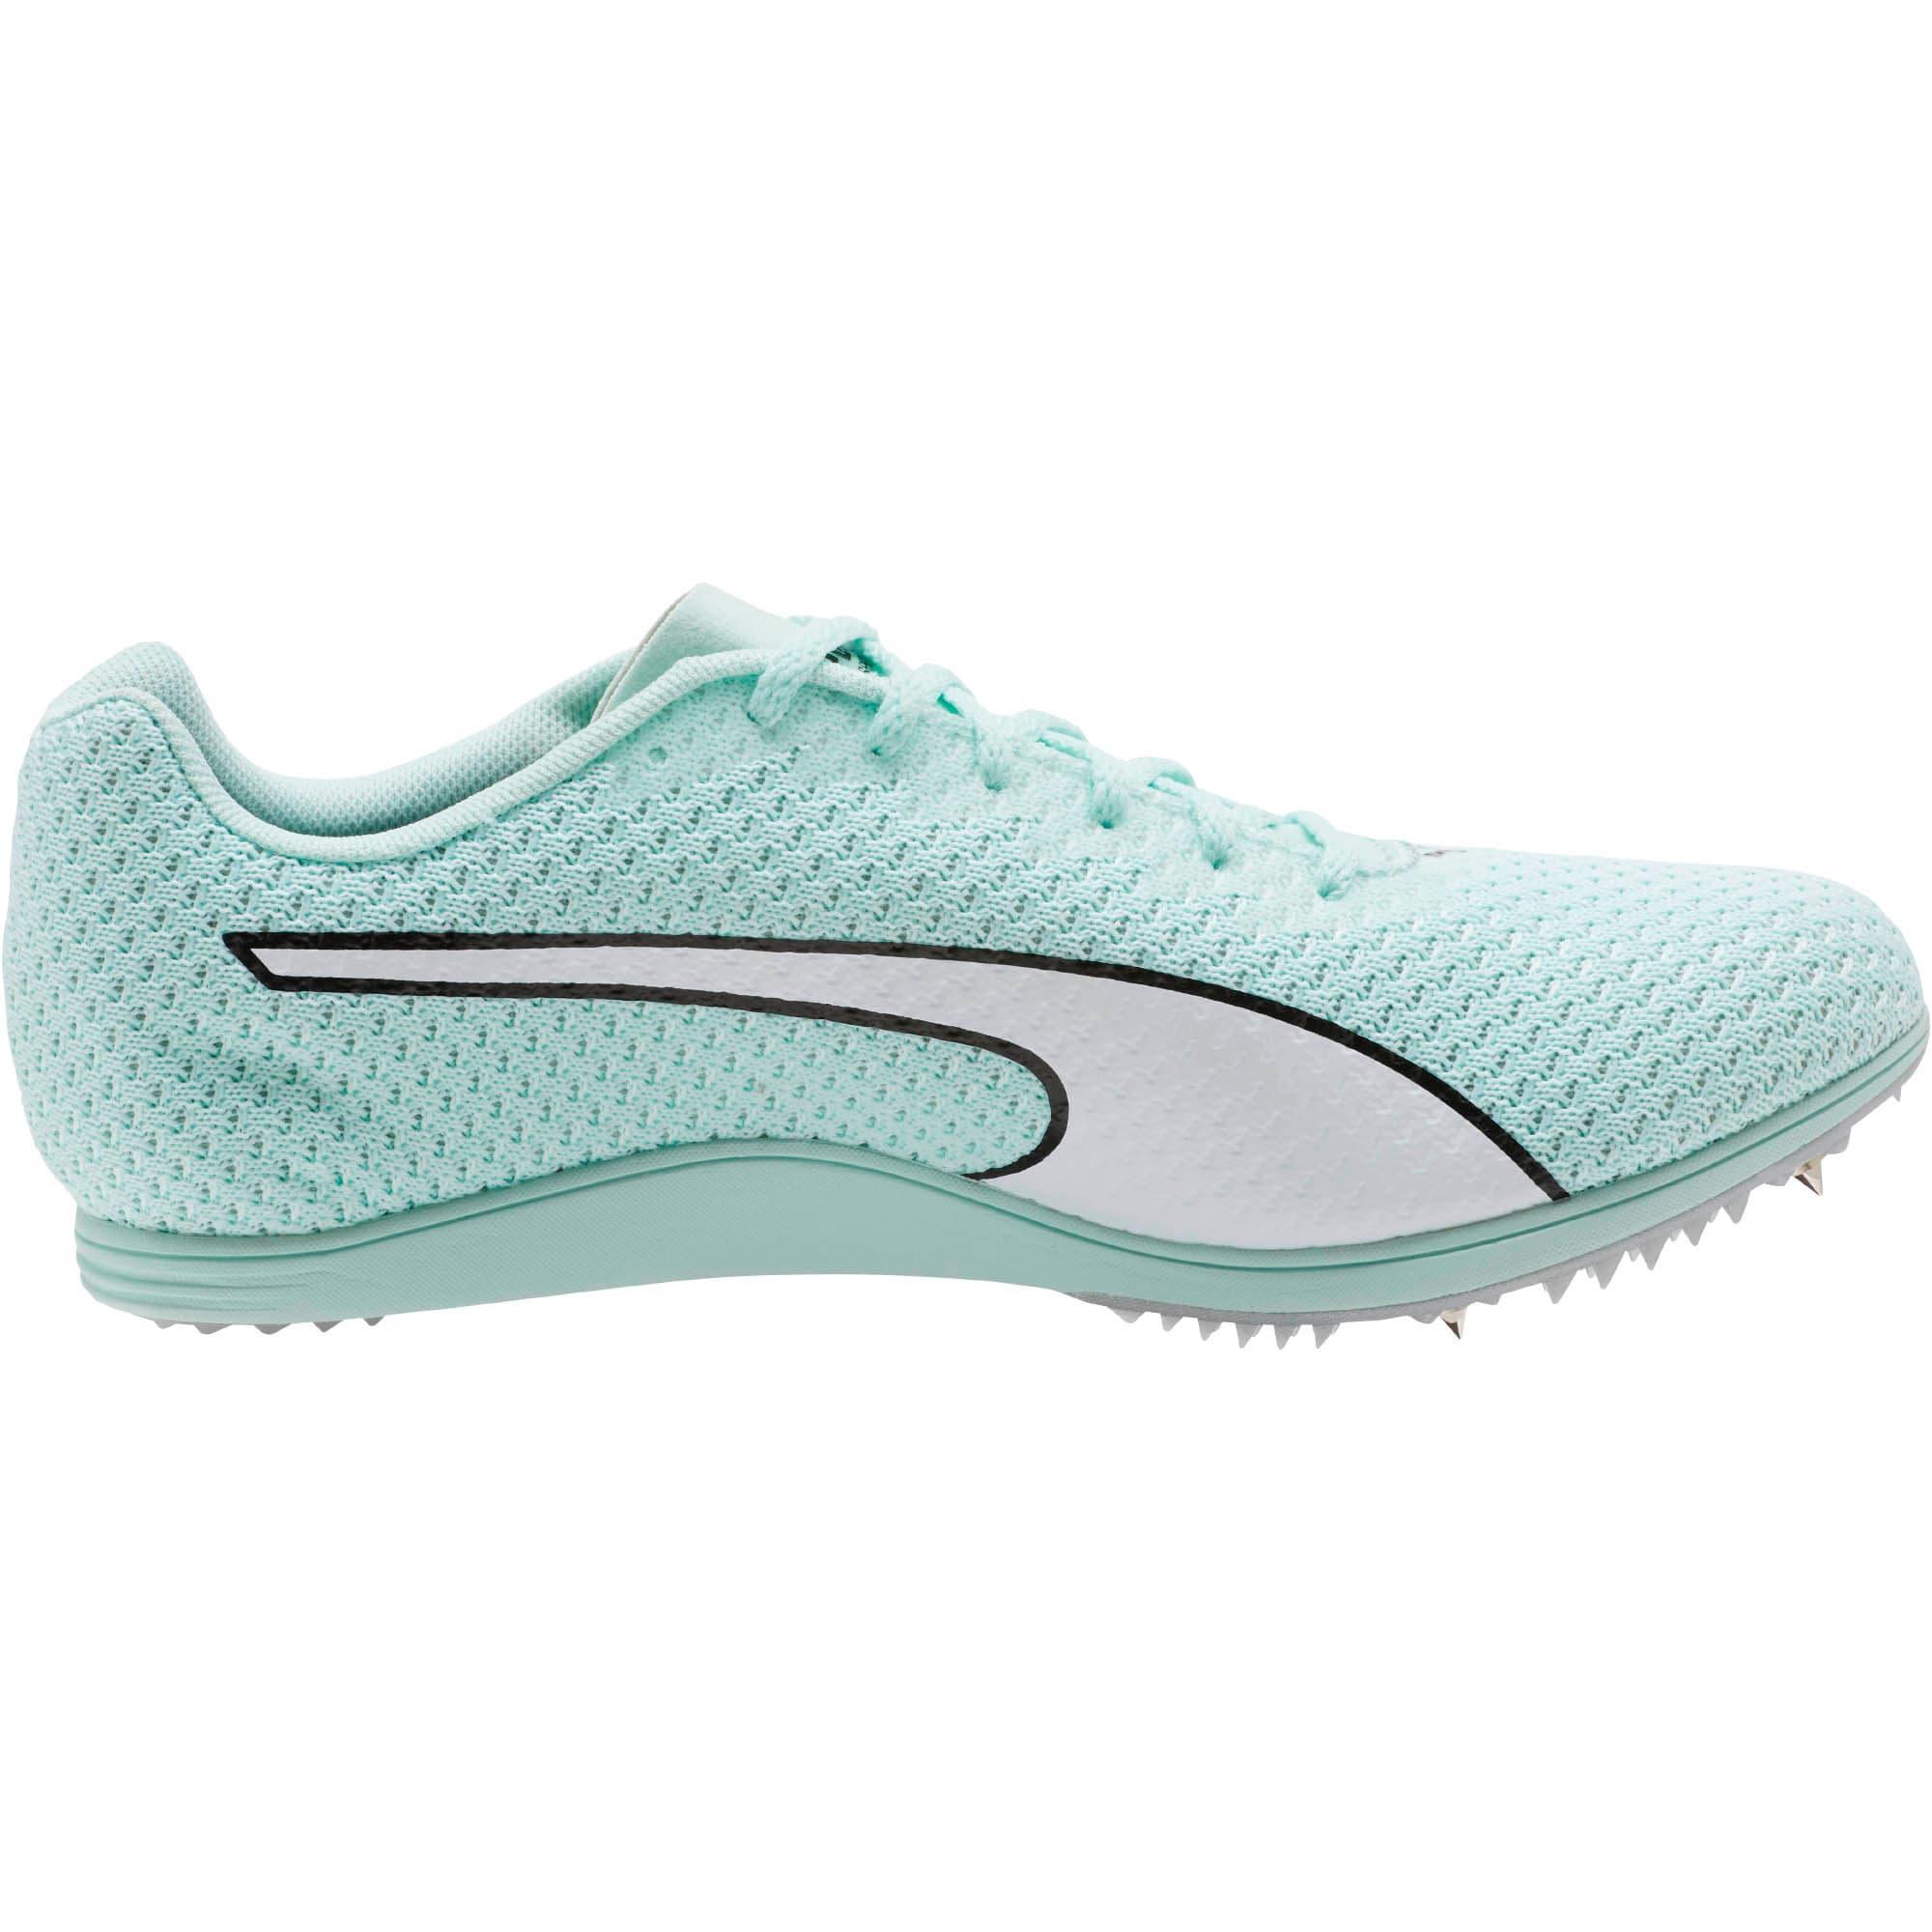 Thumbnail 4 of evoSPEED Distance 8 Women's Track Spikes, Fair Aqua-Puma White, medium